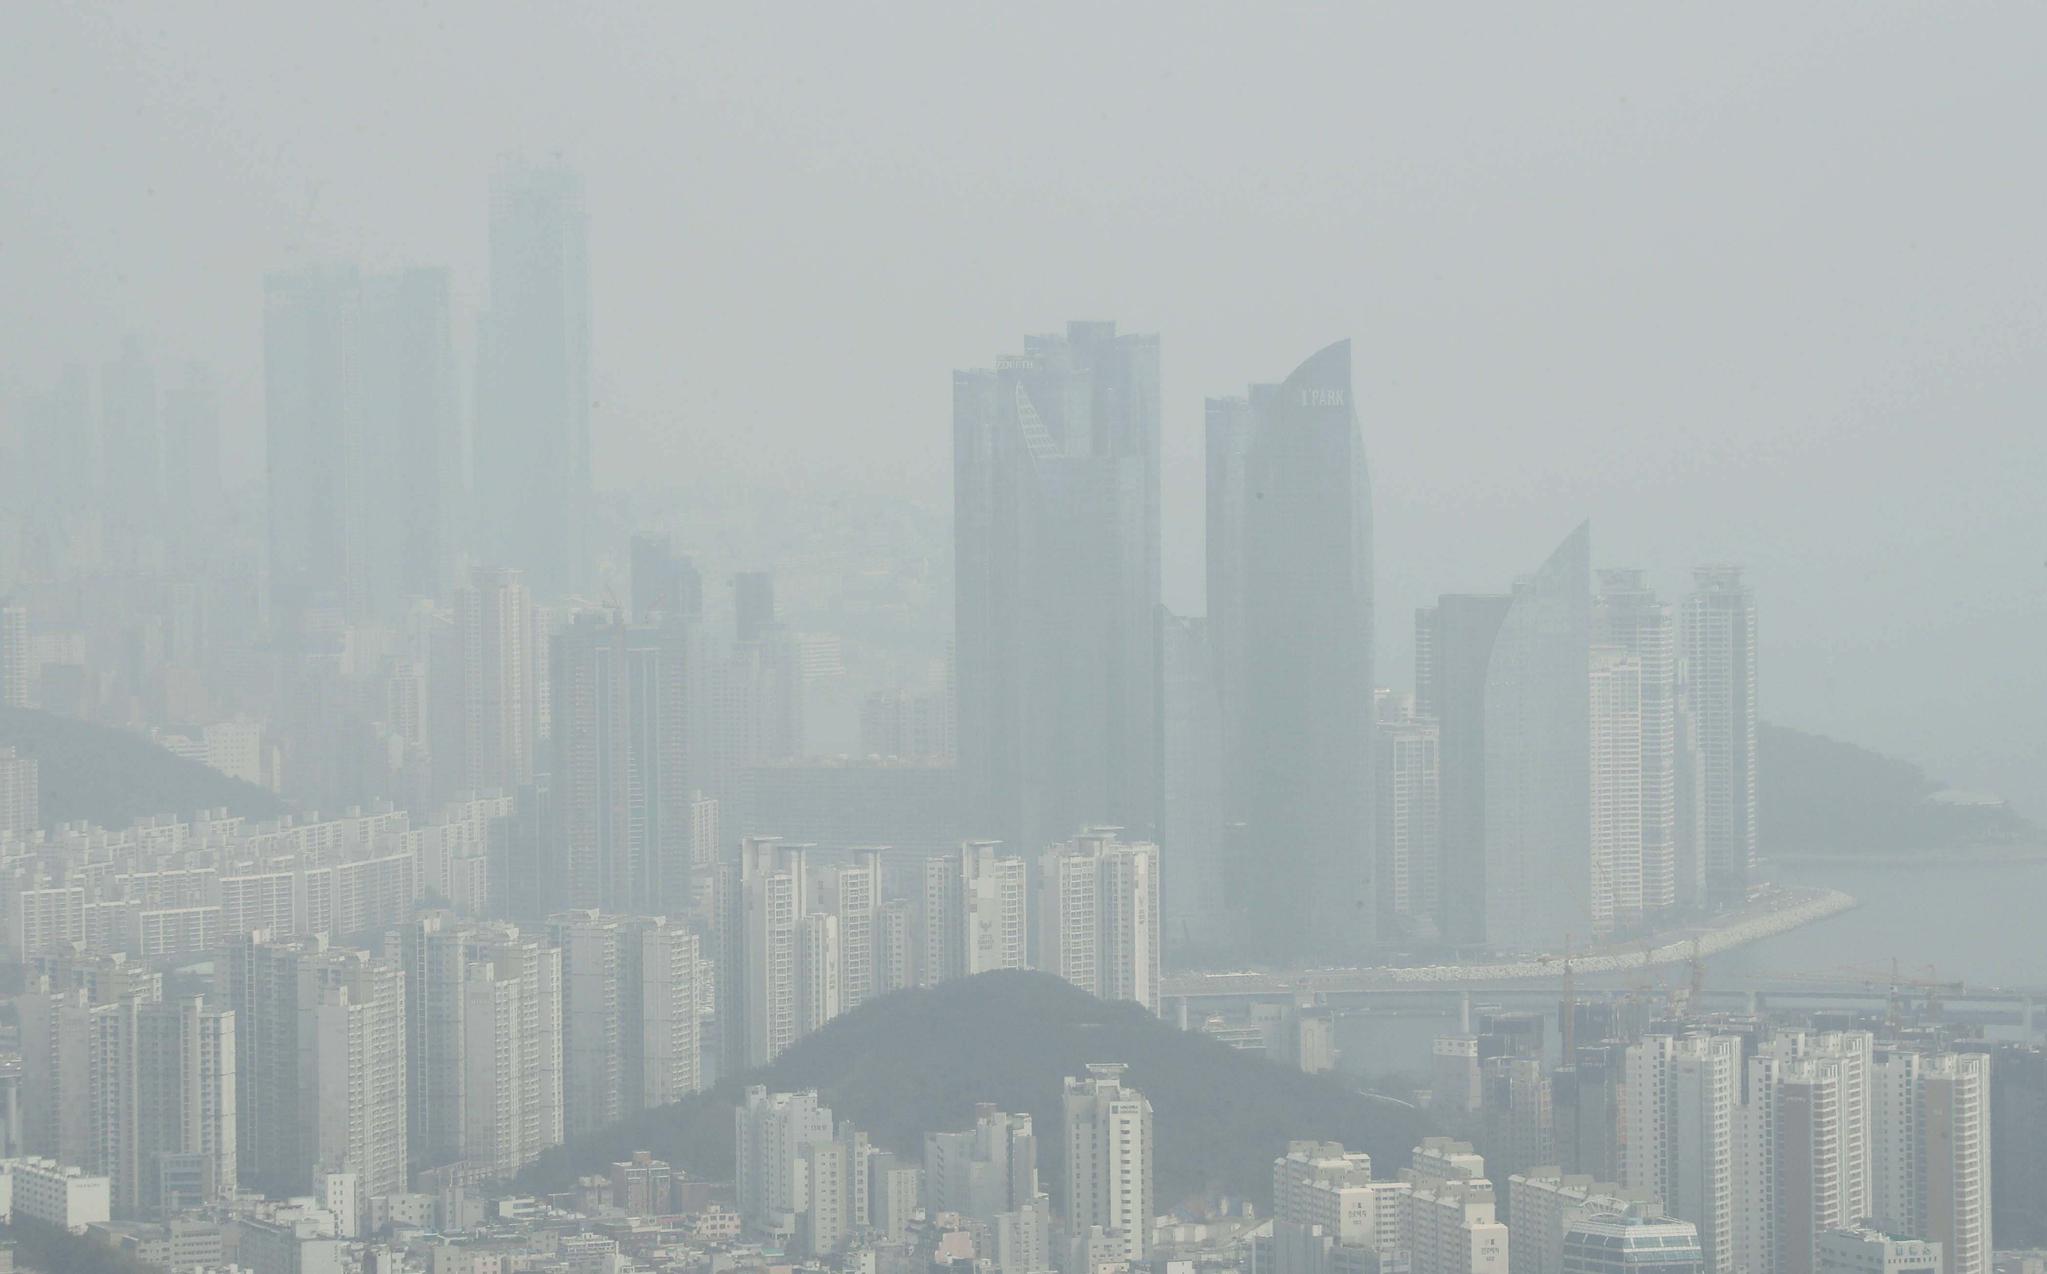 미세먼지가 기승을 부린 5일 오후 부산 황령산에서 바라본 해운대 고층건물 일대가 뿌연 모습을 보이고 있다. 부산은 미세먼지와 초미세먼지 농도가 모두 나쁨 수준을 보이고 있다. [연합뉴스]